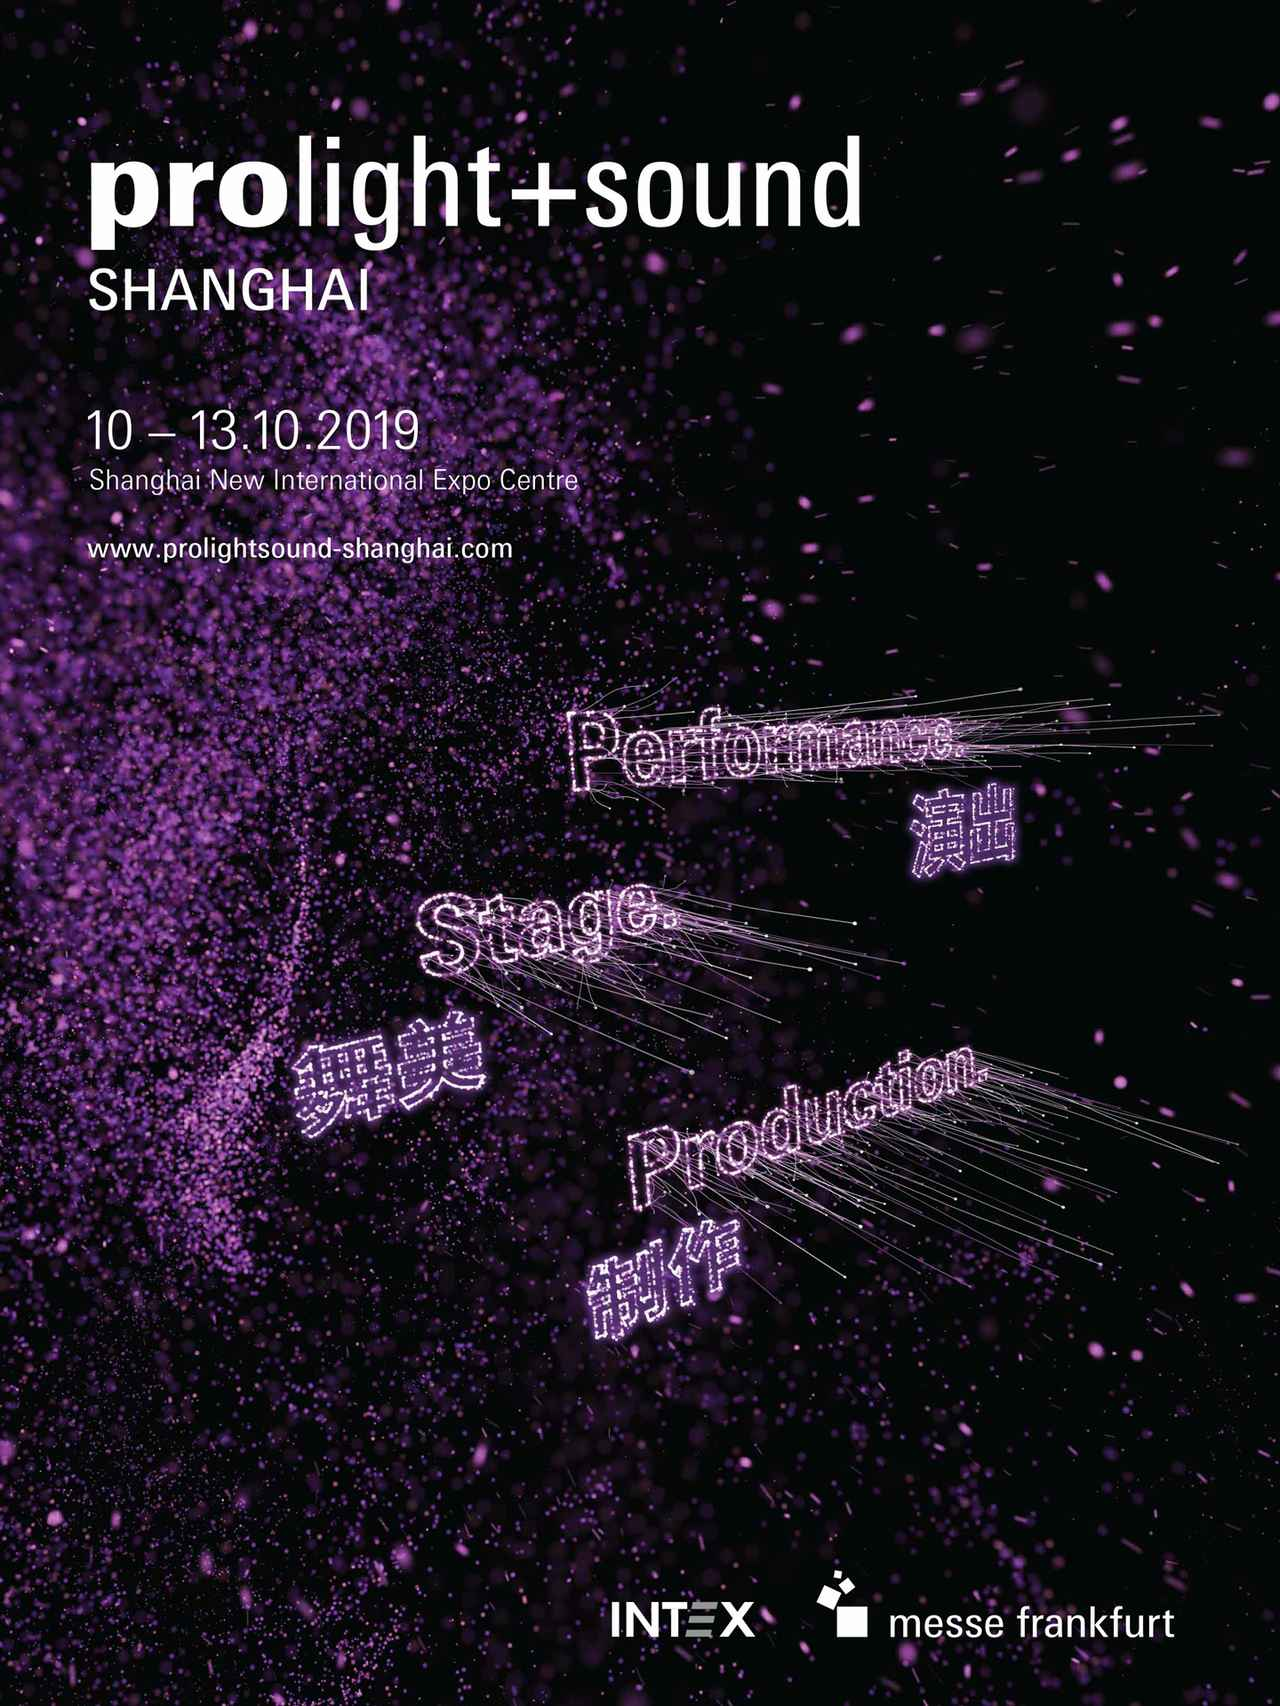 画像: アジア最大級のプロ・オーディオ展示会  「Prolight + Sound上海」が来る10月10日〜13日に開催